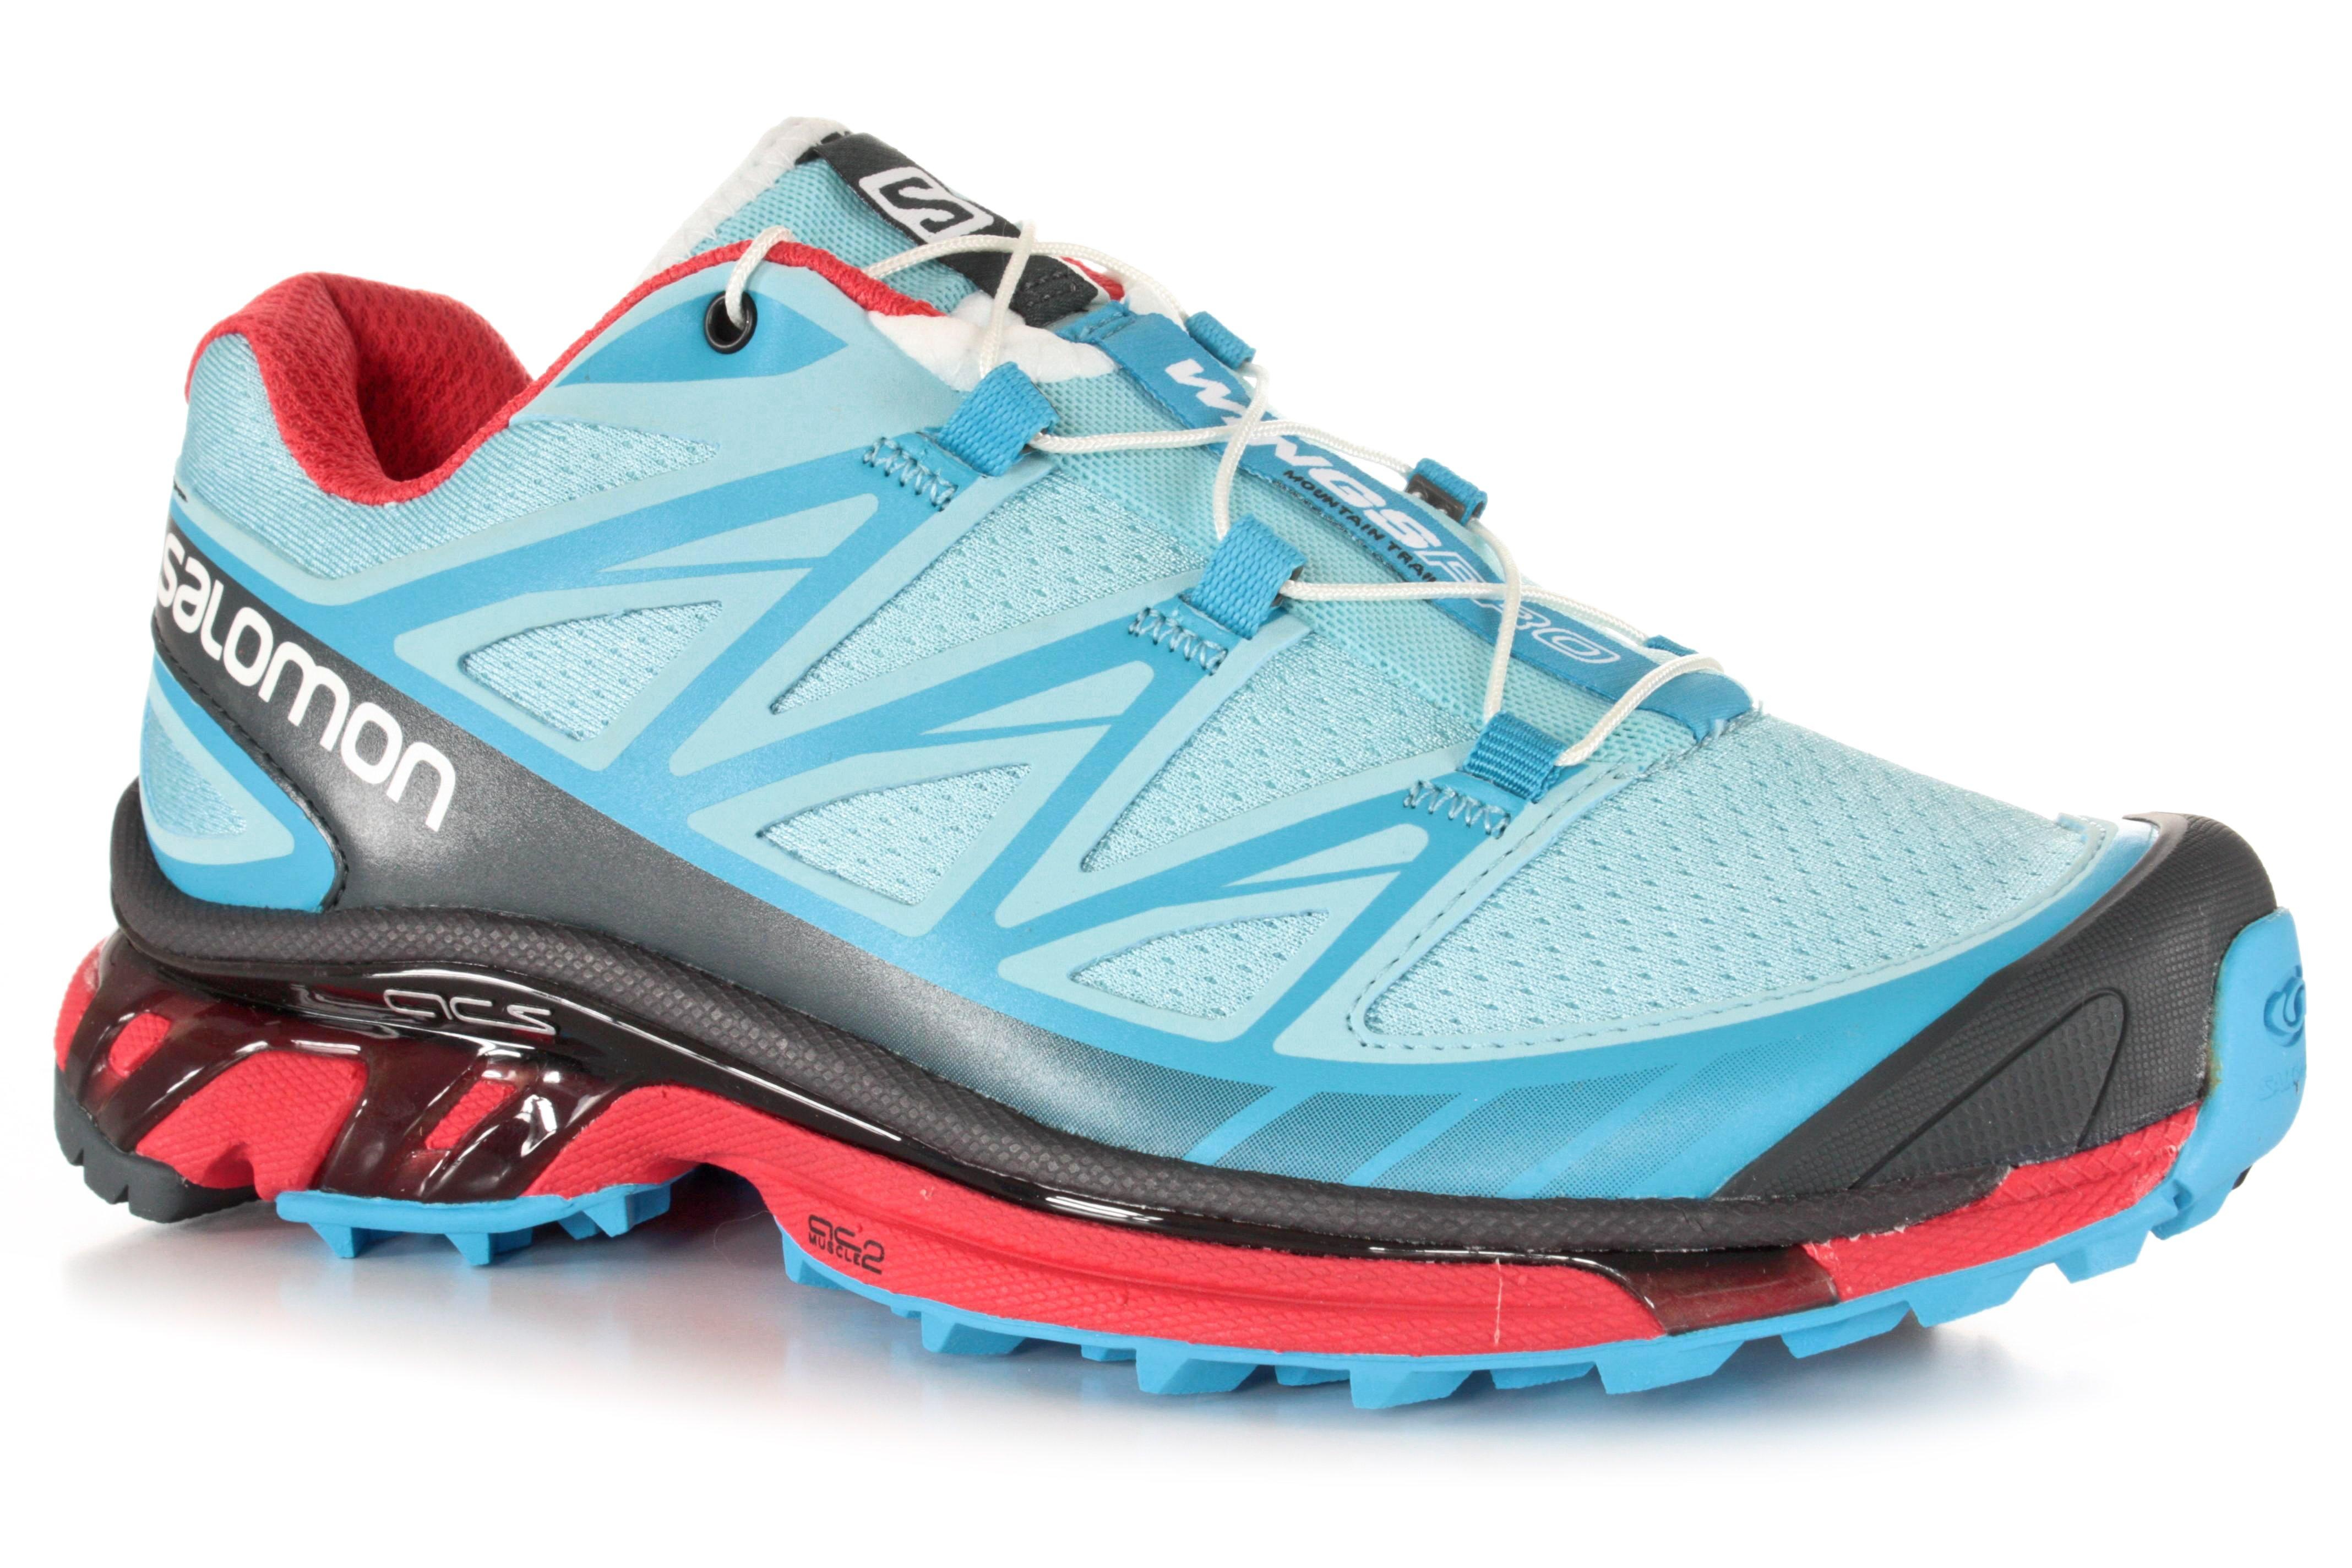 chaussures de séparation 71a66 9249f chaussure de trail vieux campeur,chaussure de trail homme ...